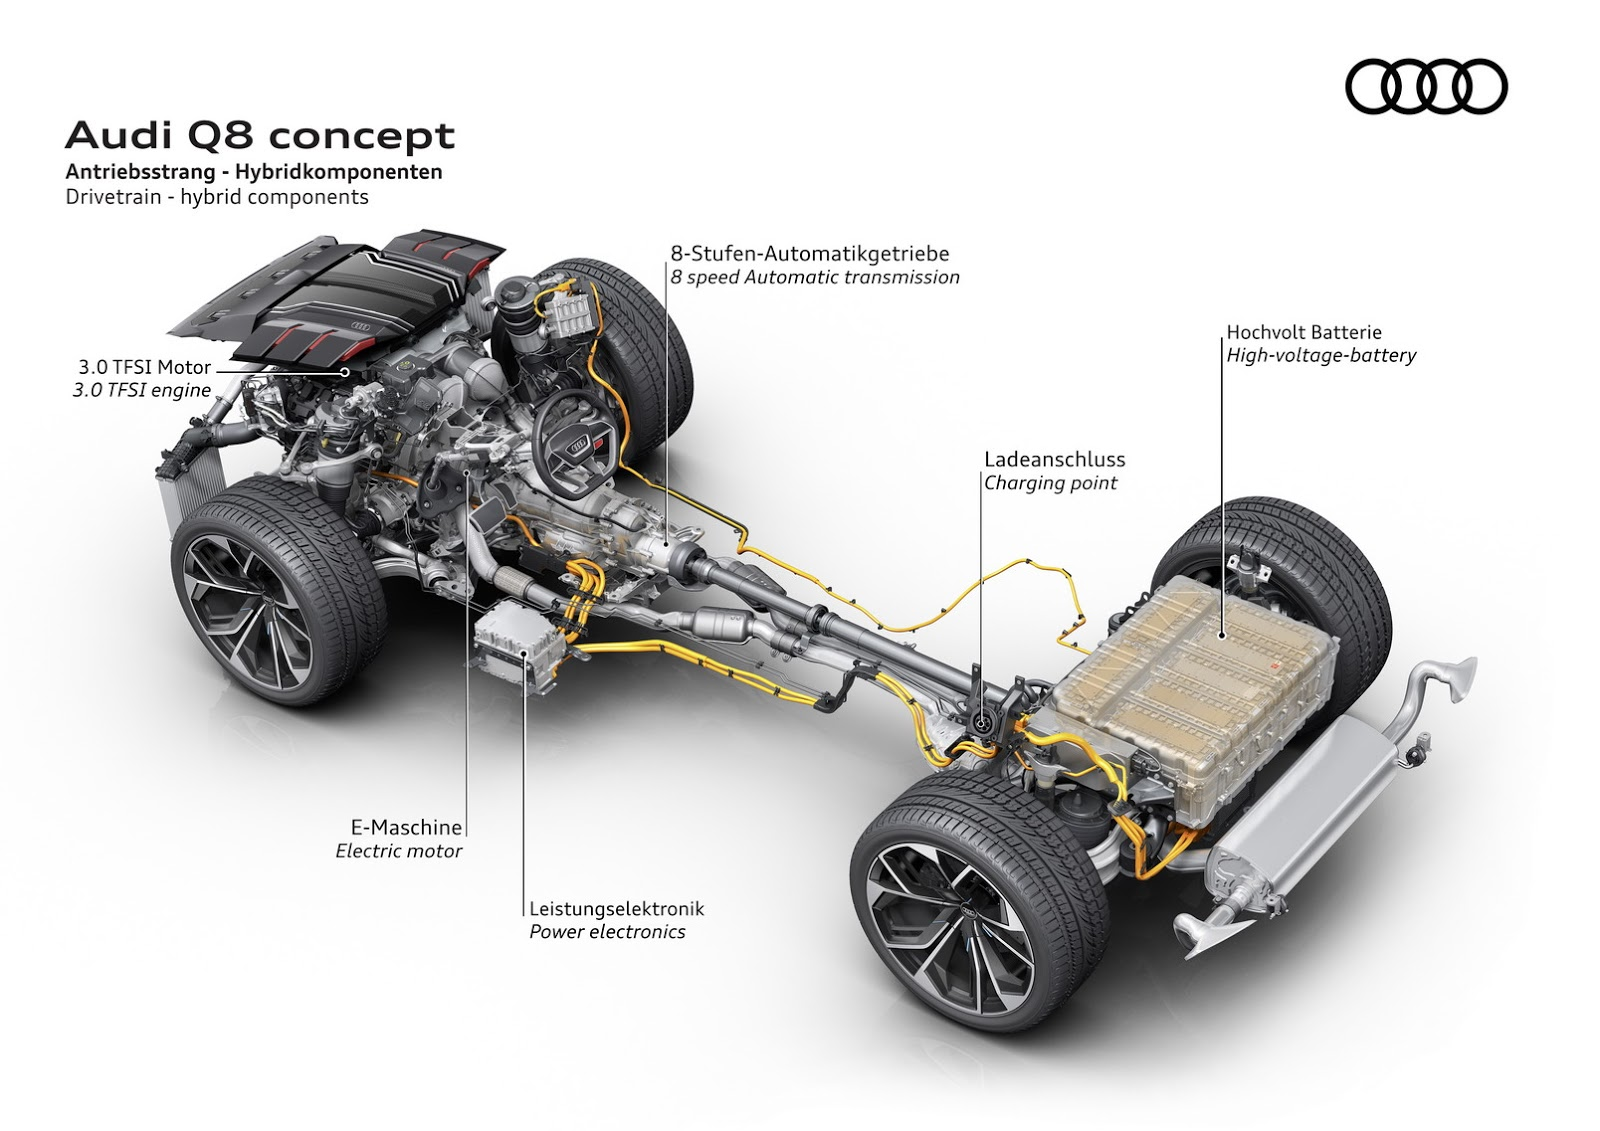 Audi_Q8_concept_29